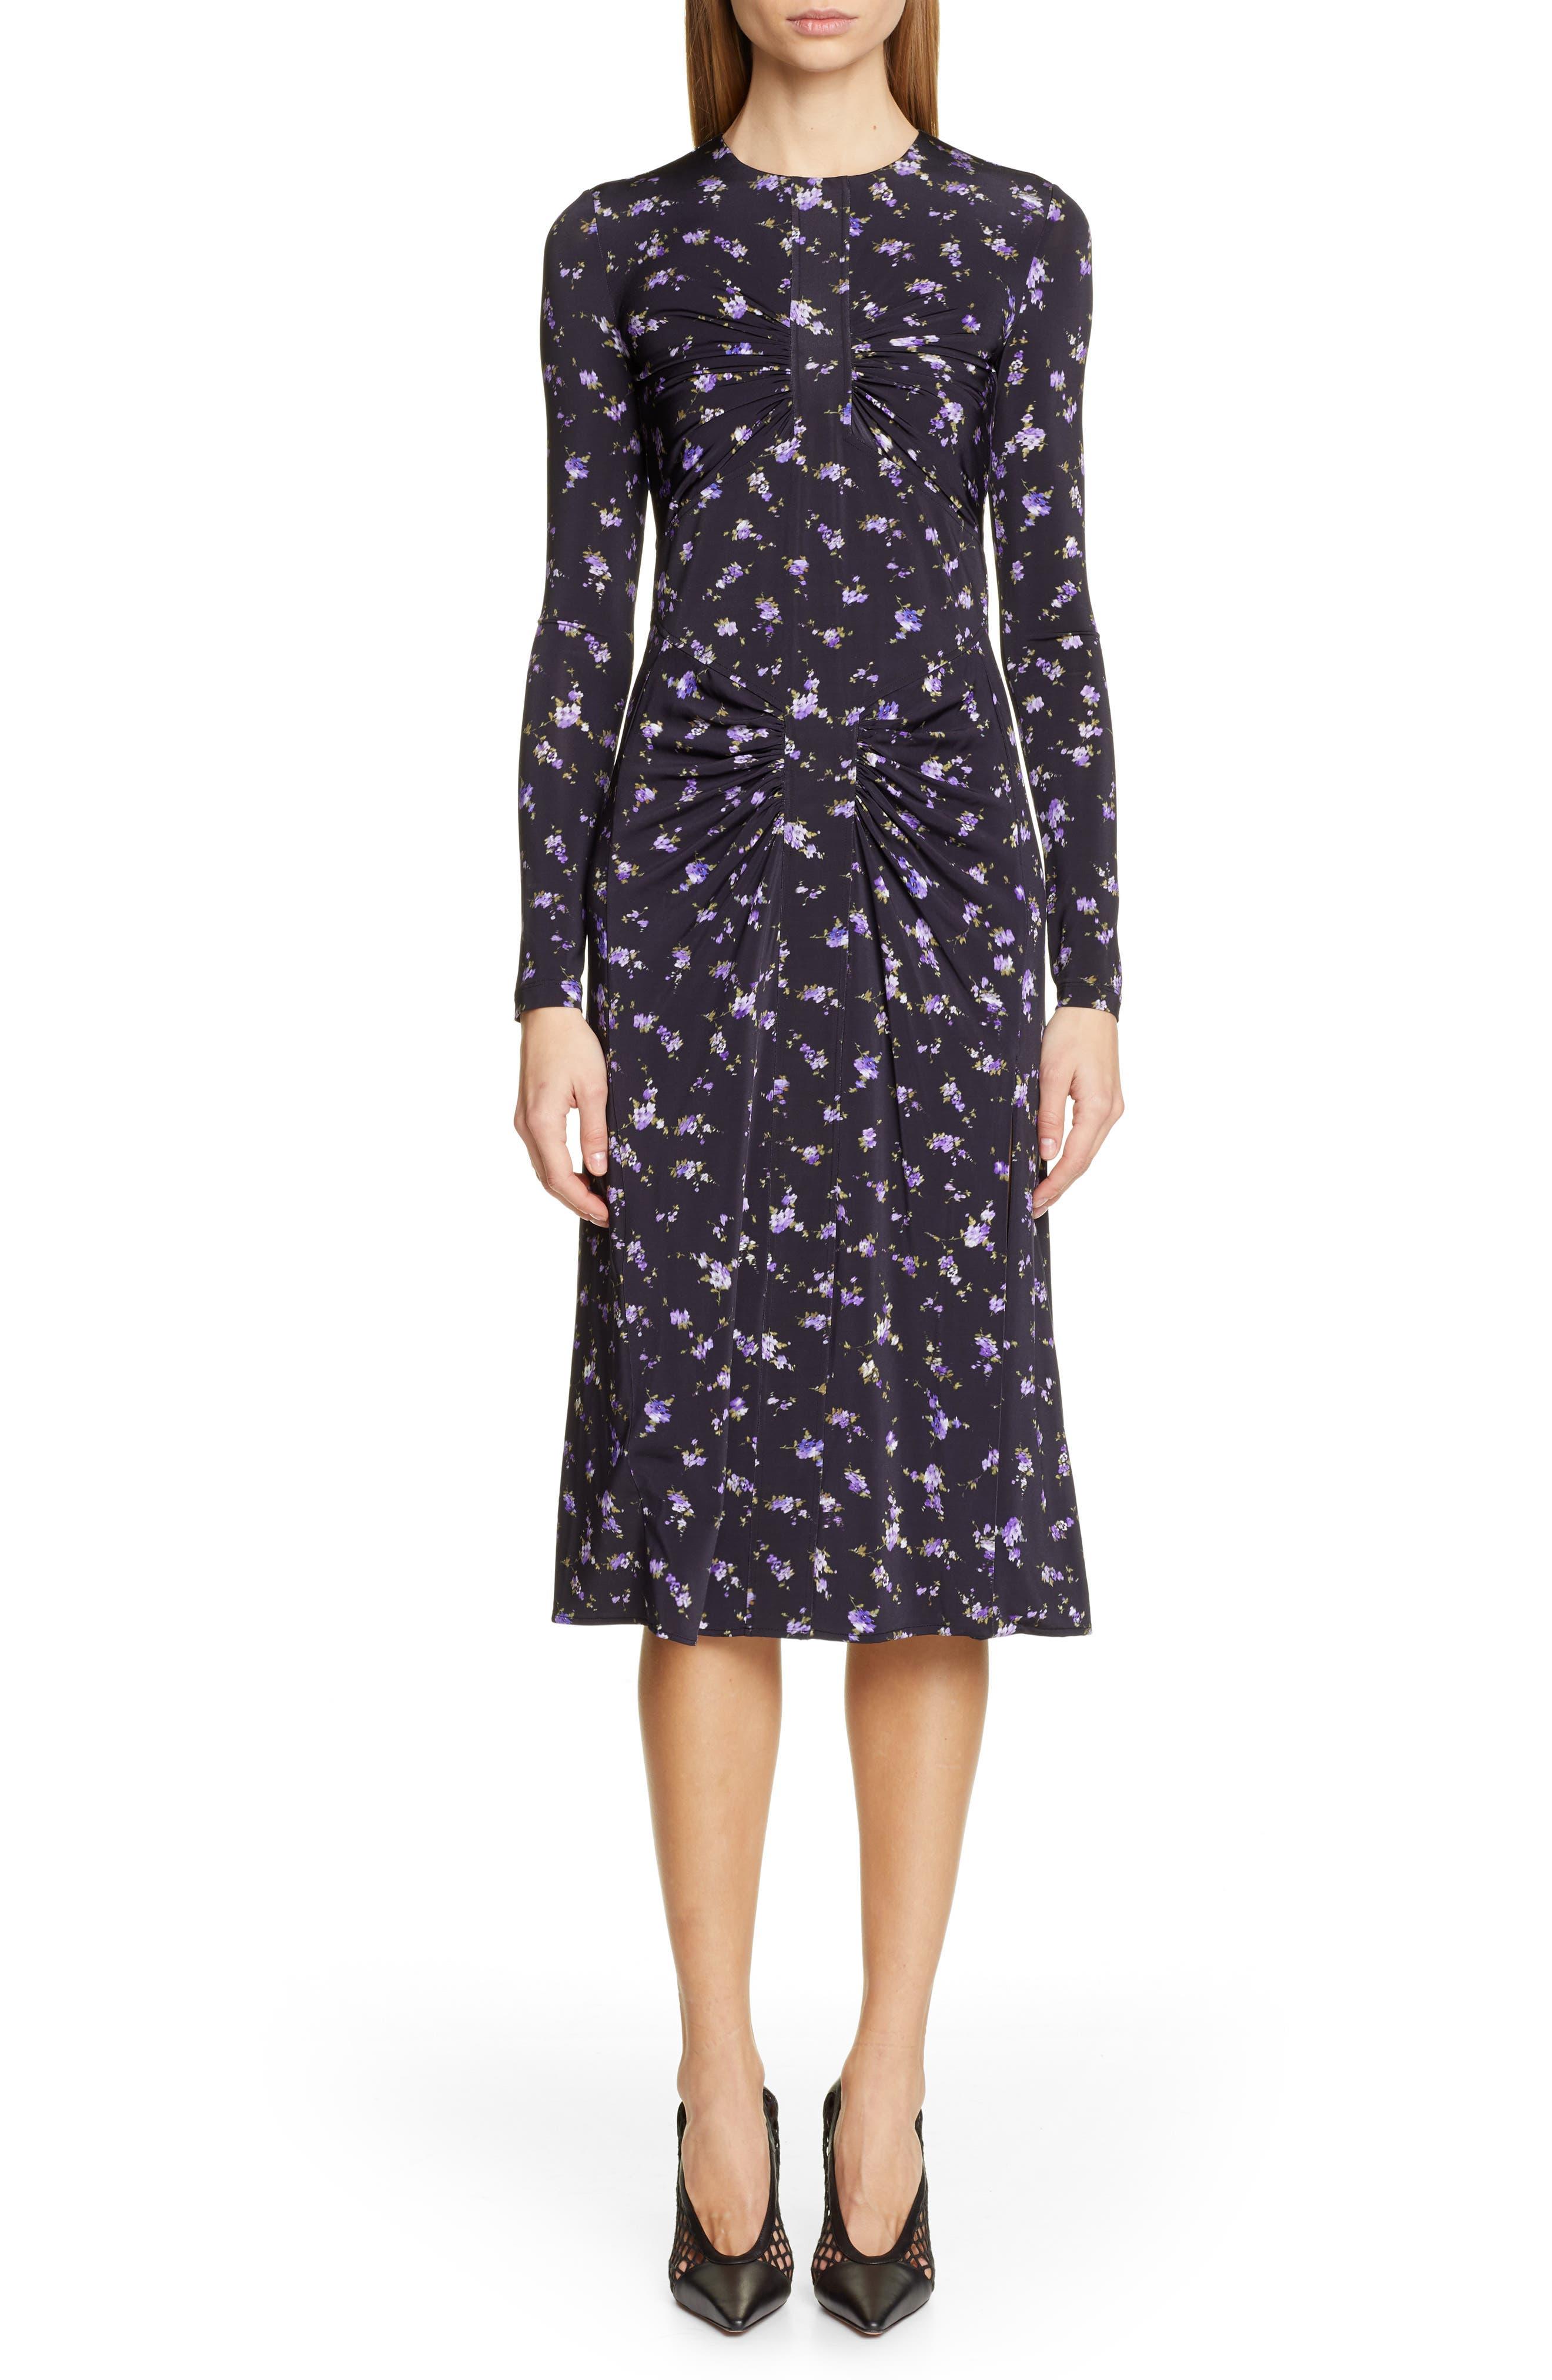 Altuzarra Floral Print Dress, 4 FR - Black